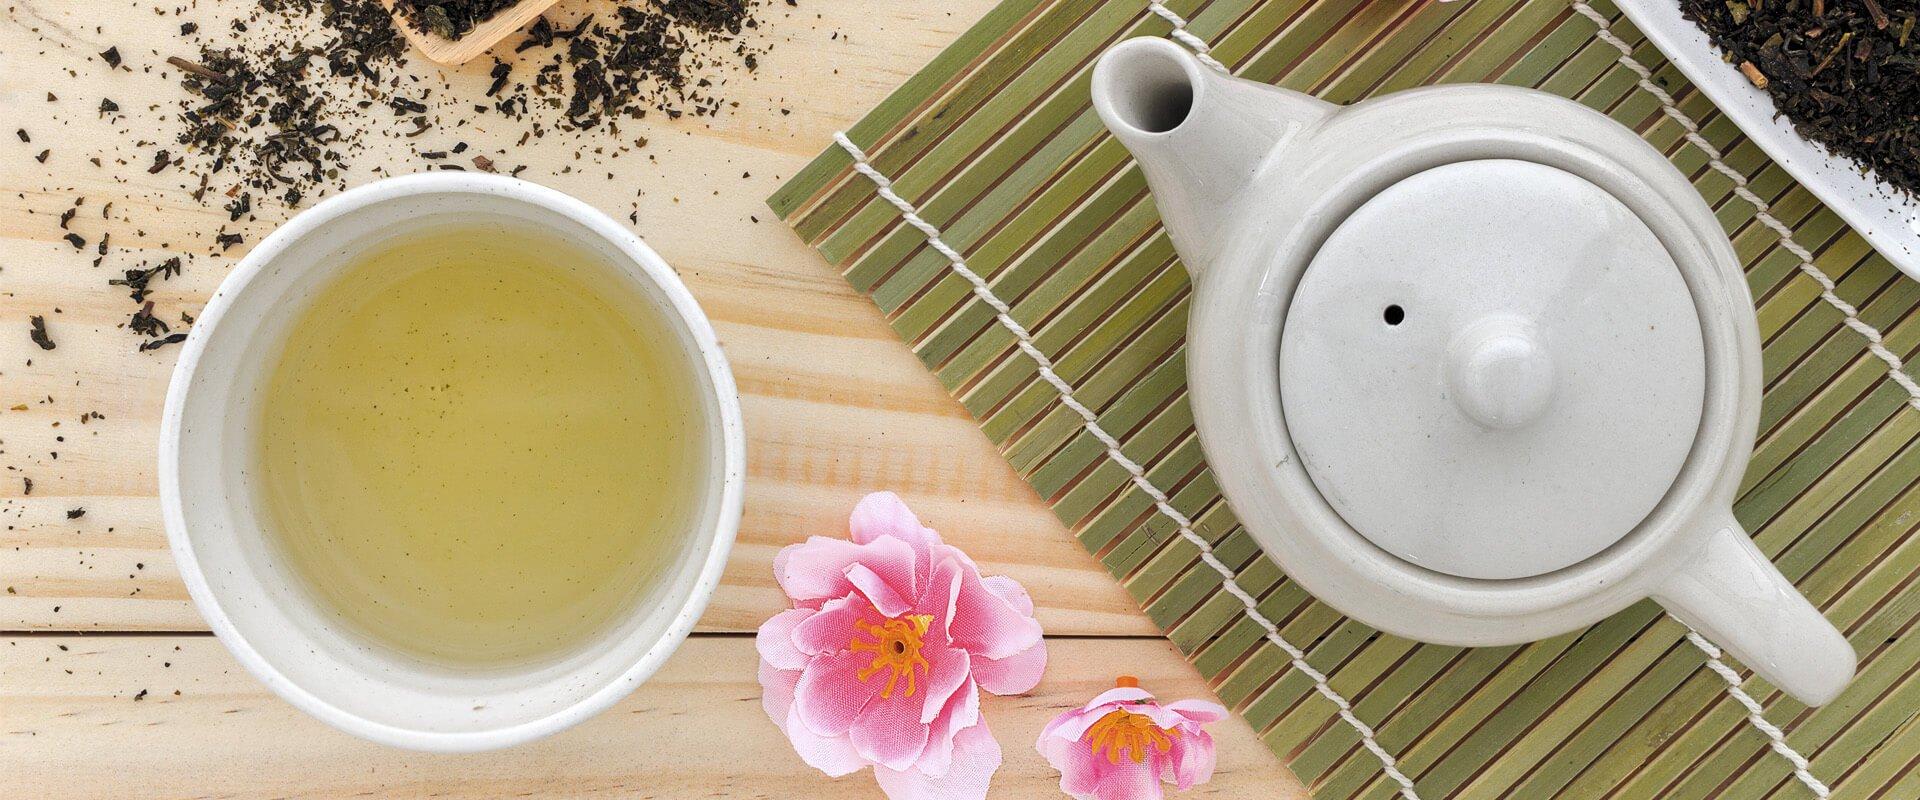 Article-hero-image-bijeli čaj.jpg